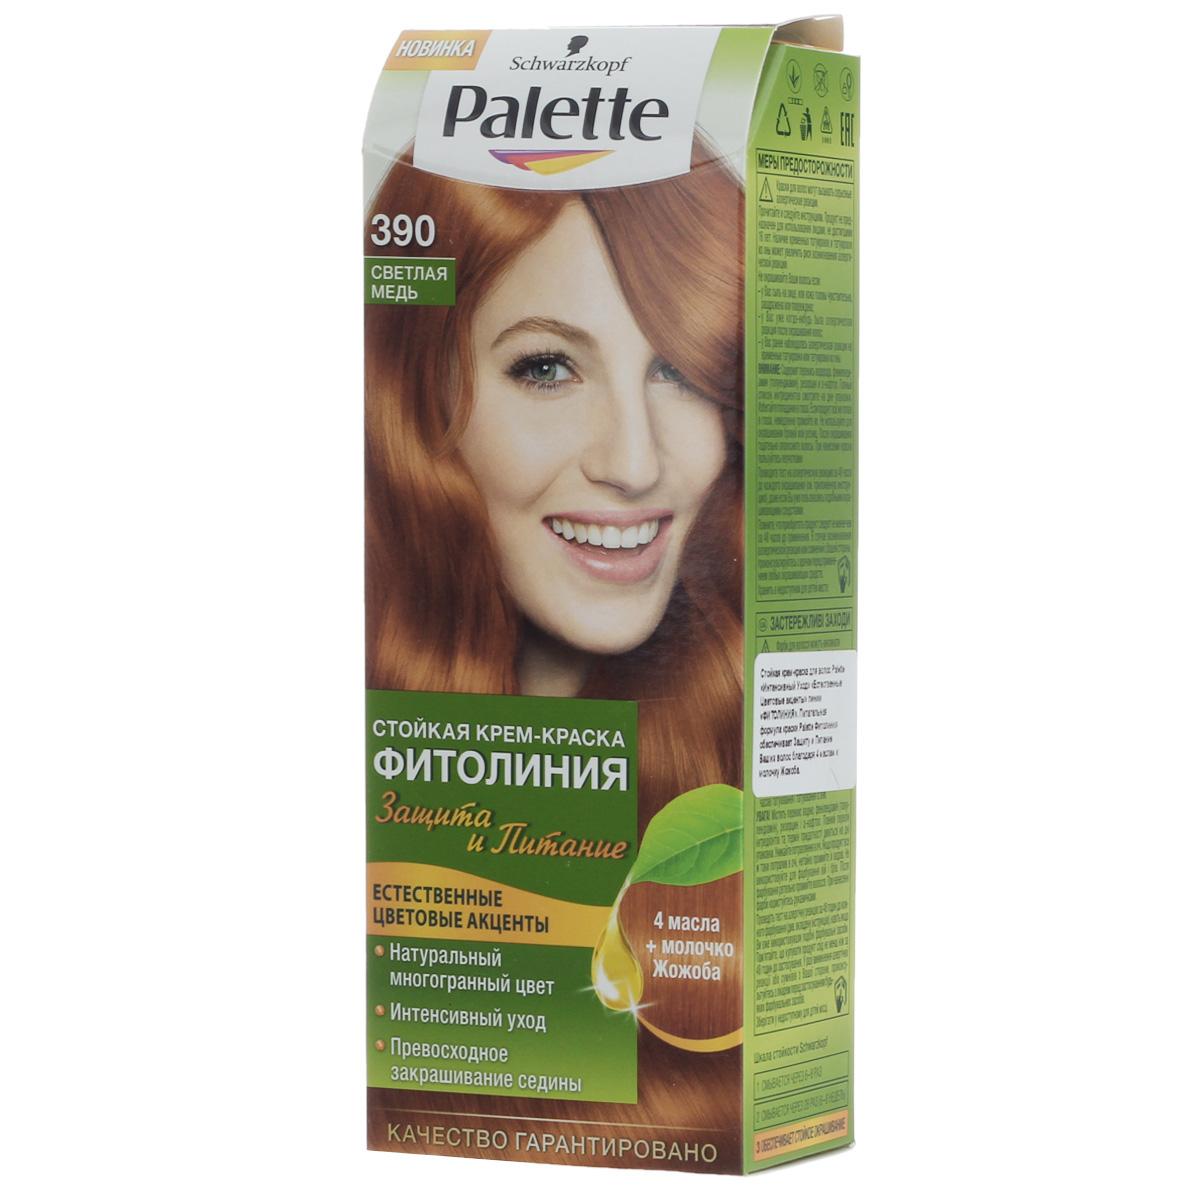 PALETTE Краска для волос ФИТОЛИНИЯ оттенок 390 Светлая медь, 110 мл9352530Откройте для себя больше ухода для более интенсивного цвета: новая питающая крем-краска Palette Фитолиния, обогащенная 4 маслами и молочком Жожоба. Насладитесь невероятно мягкими и сияющими волосами, полными естественного сияния цвета и стойкой интенсивности. Питательная формула обеспечивает надежную защиту во время и после окрашивания и поразительно глубокий уход. А интенсивные красящие пигменты отвечают за насыщенный и стойкий результат на ваших волосах. Побалуйте себя широким выбором натуральных оттенков, ведь палитра Palette Фитолиния предлагает оригинальную подборку оттенков для создания естественных цветовых акцентов и глубокого многогранного цвета.